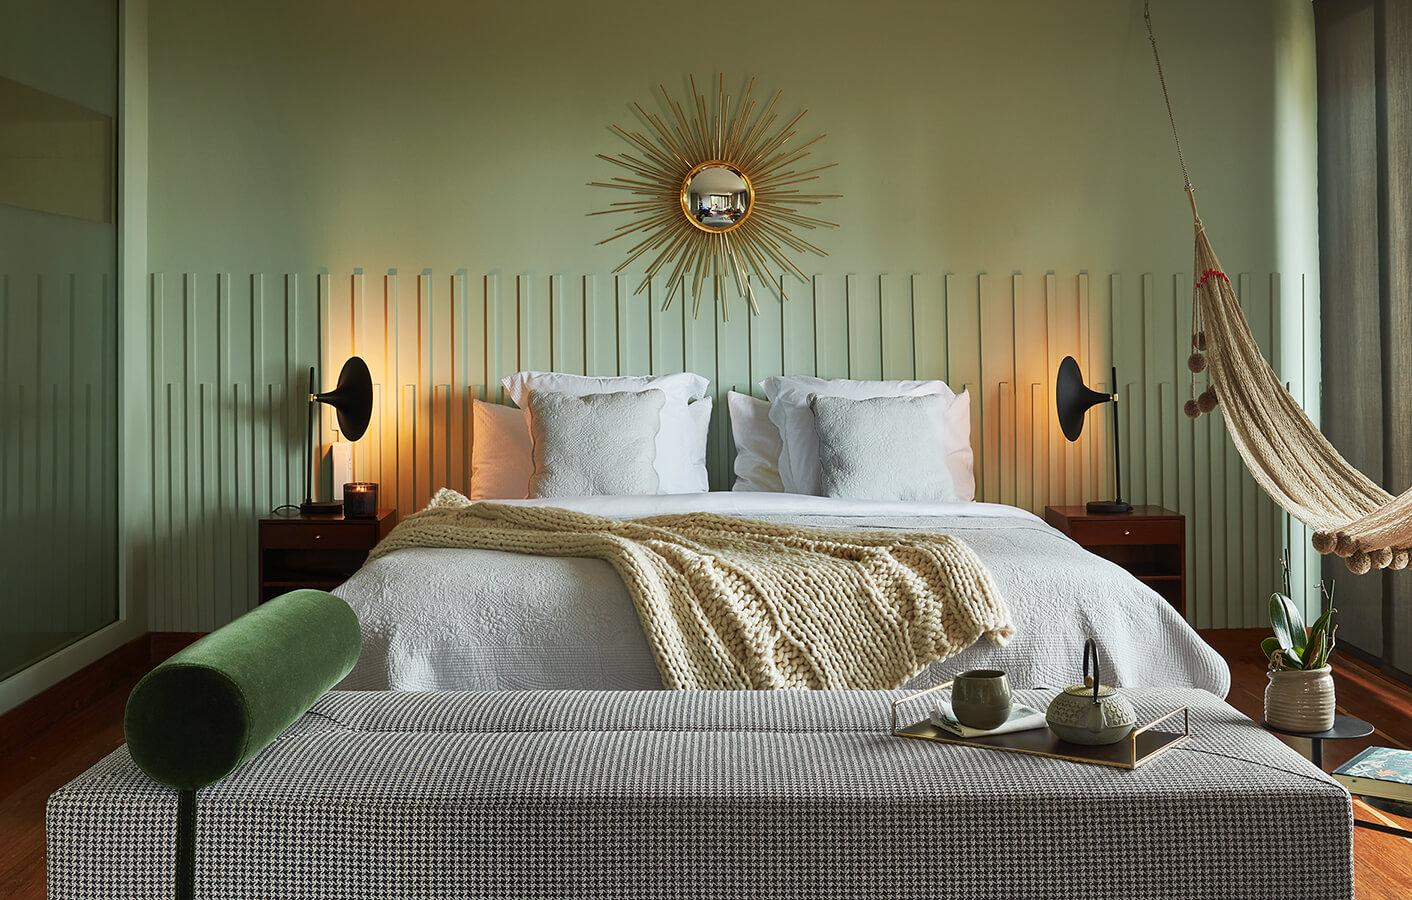 Para mantener la continuidad con la gama cromática de la cama, el equipo de diseño  de Folies creó in situ un espaldar de cama asimétrico de gran formato, hecho con listones de madera pintados de verde menta. Sobre él, resalta el espejo Sol, de Folies. A su alrededor, elementos como las lámparas metálicas de escritorio Trompeta, de Diamantina y La Perla y unas mesas de noche vintage cierran este espacio compartido.